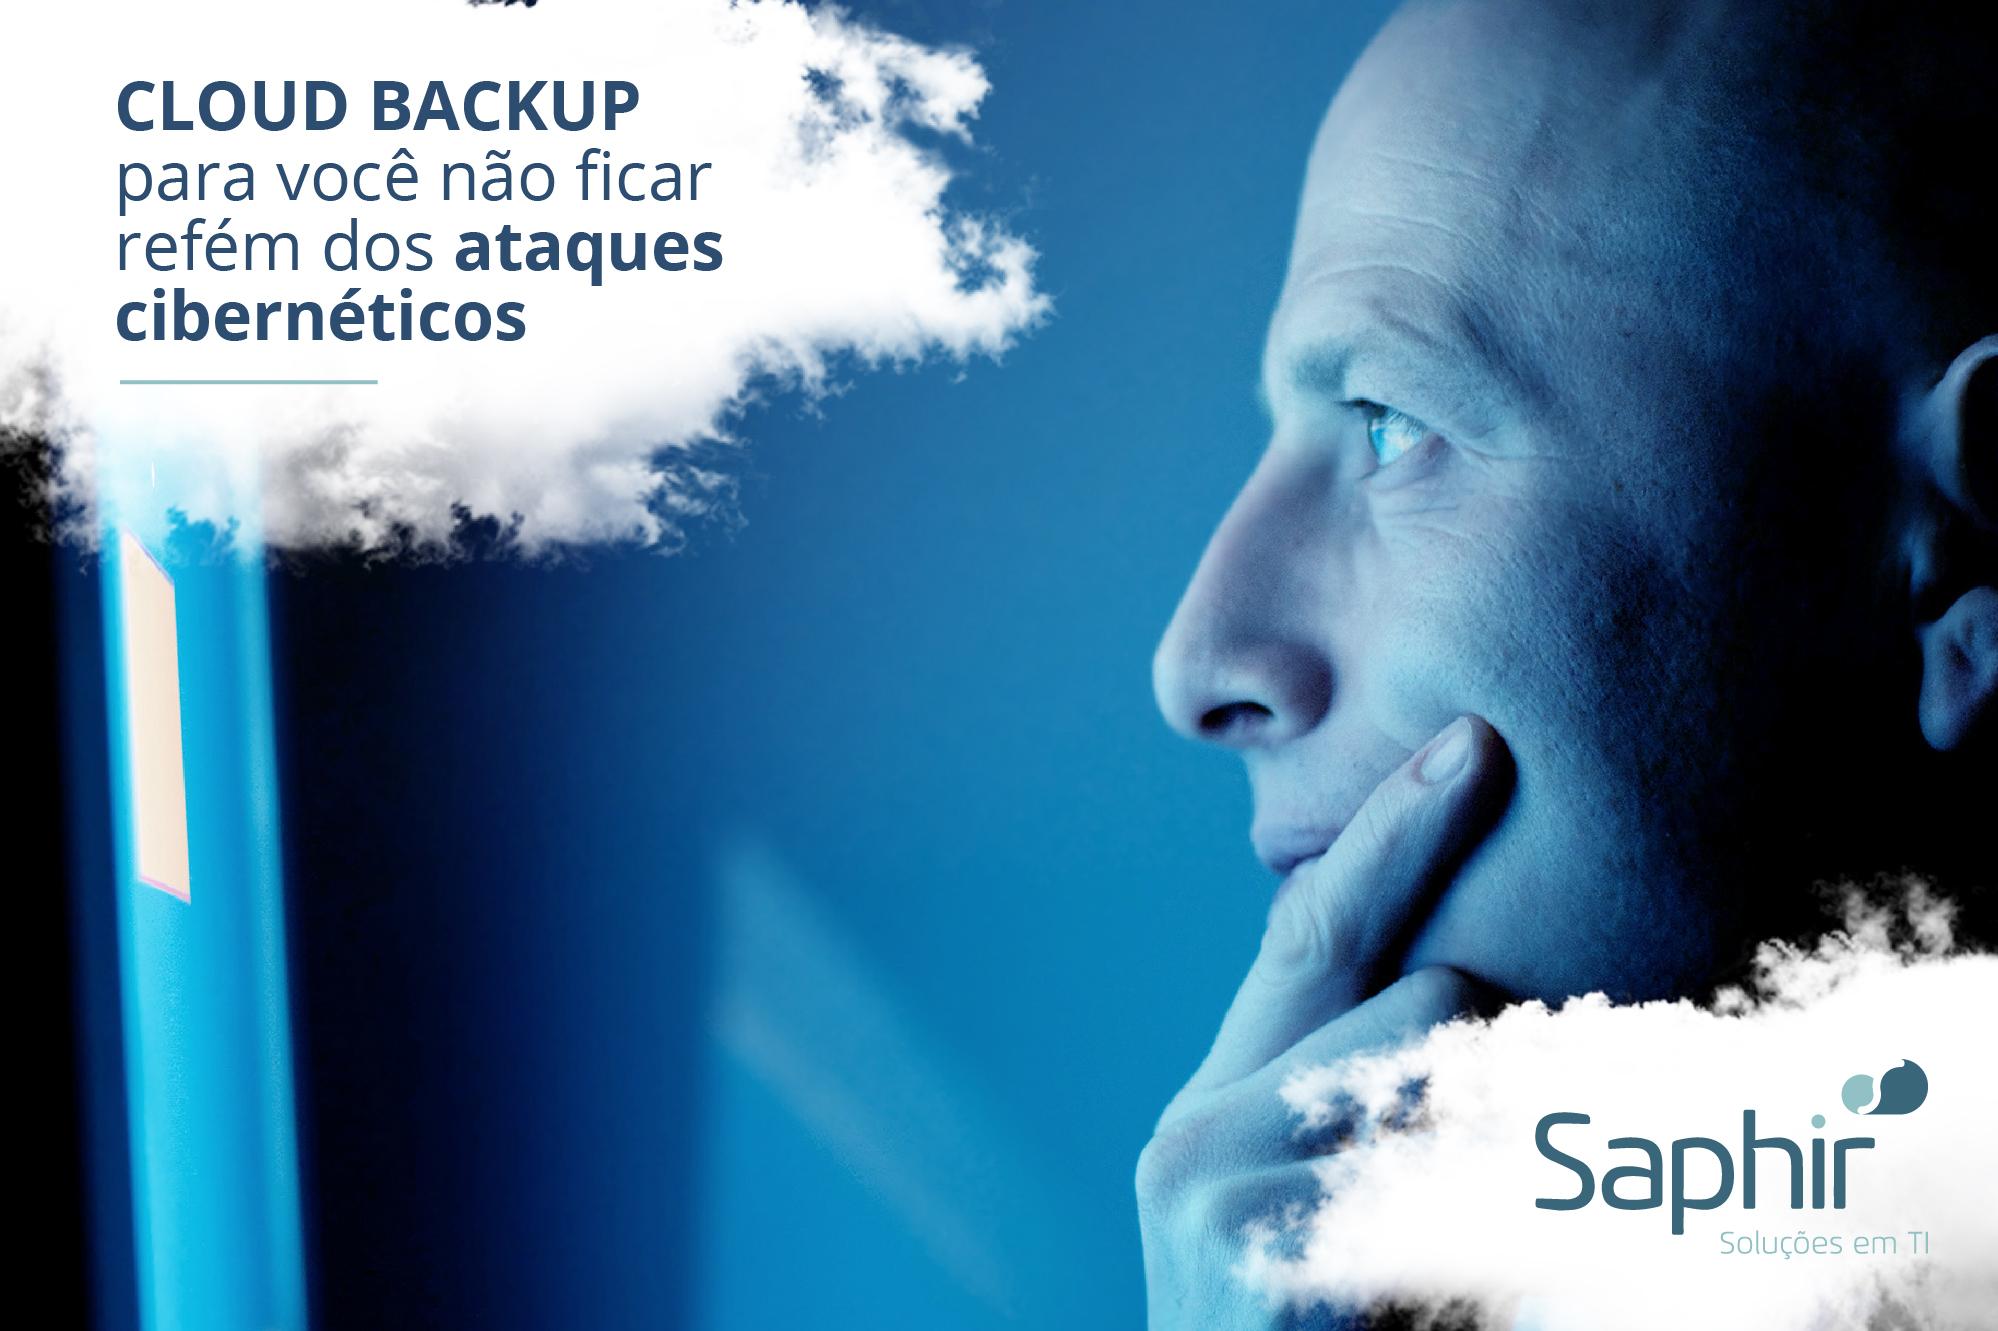 Cloud backup para você não ficar refém dos ataques cibernéticos